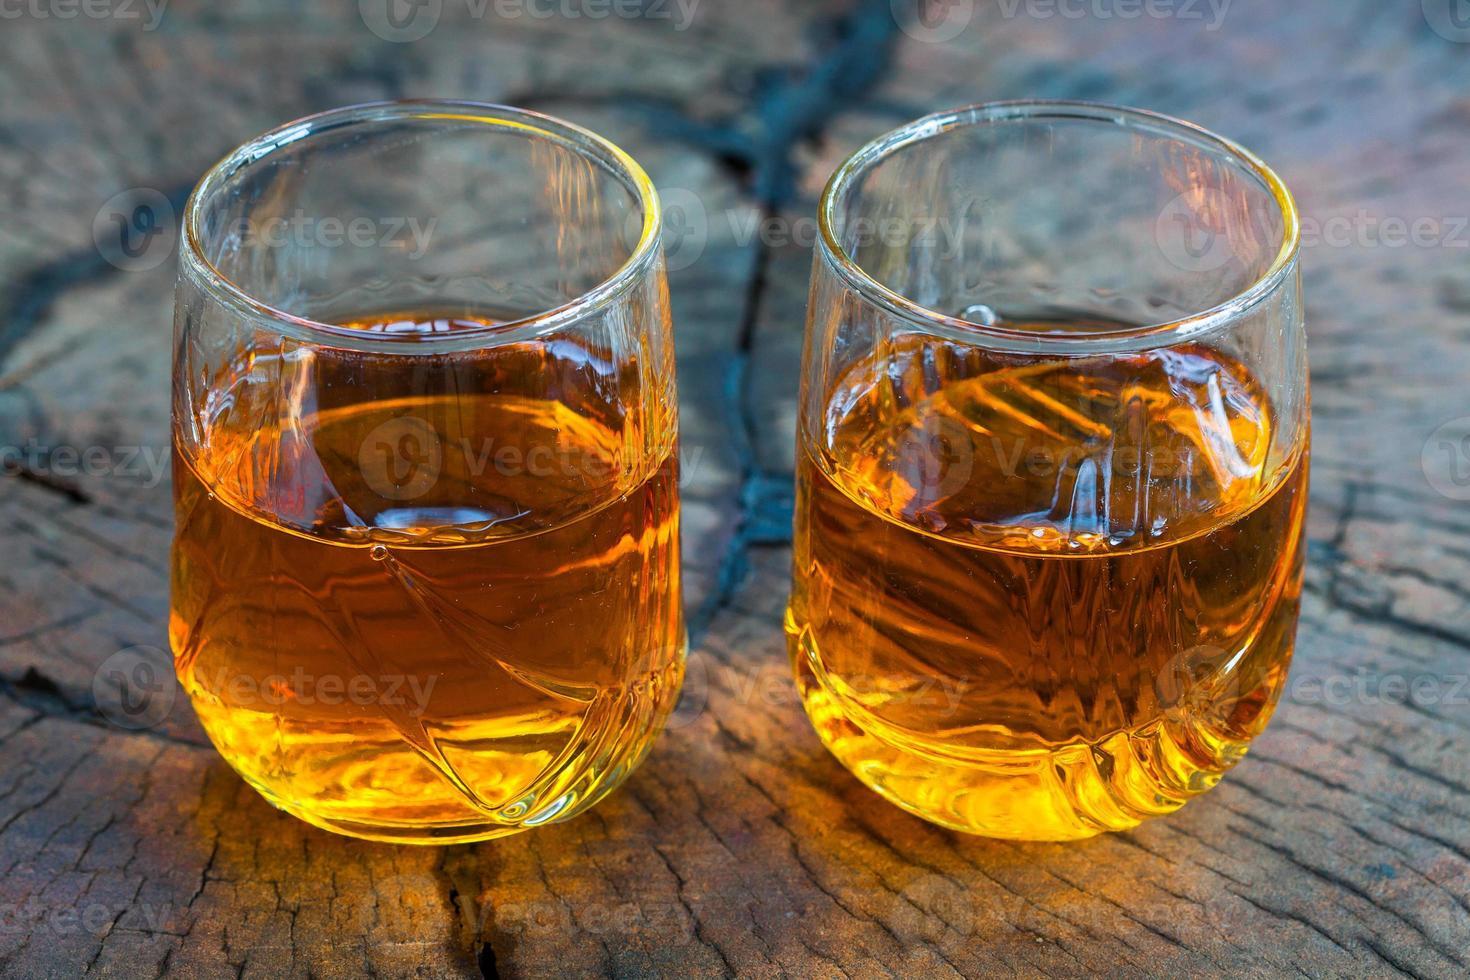 goudbruine whisky op de rotsen in een glas foto